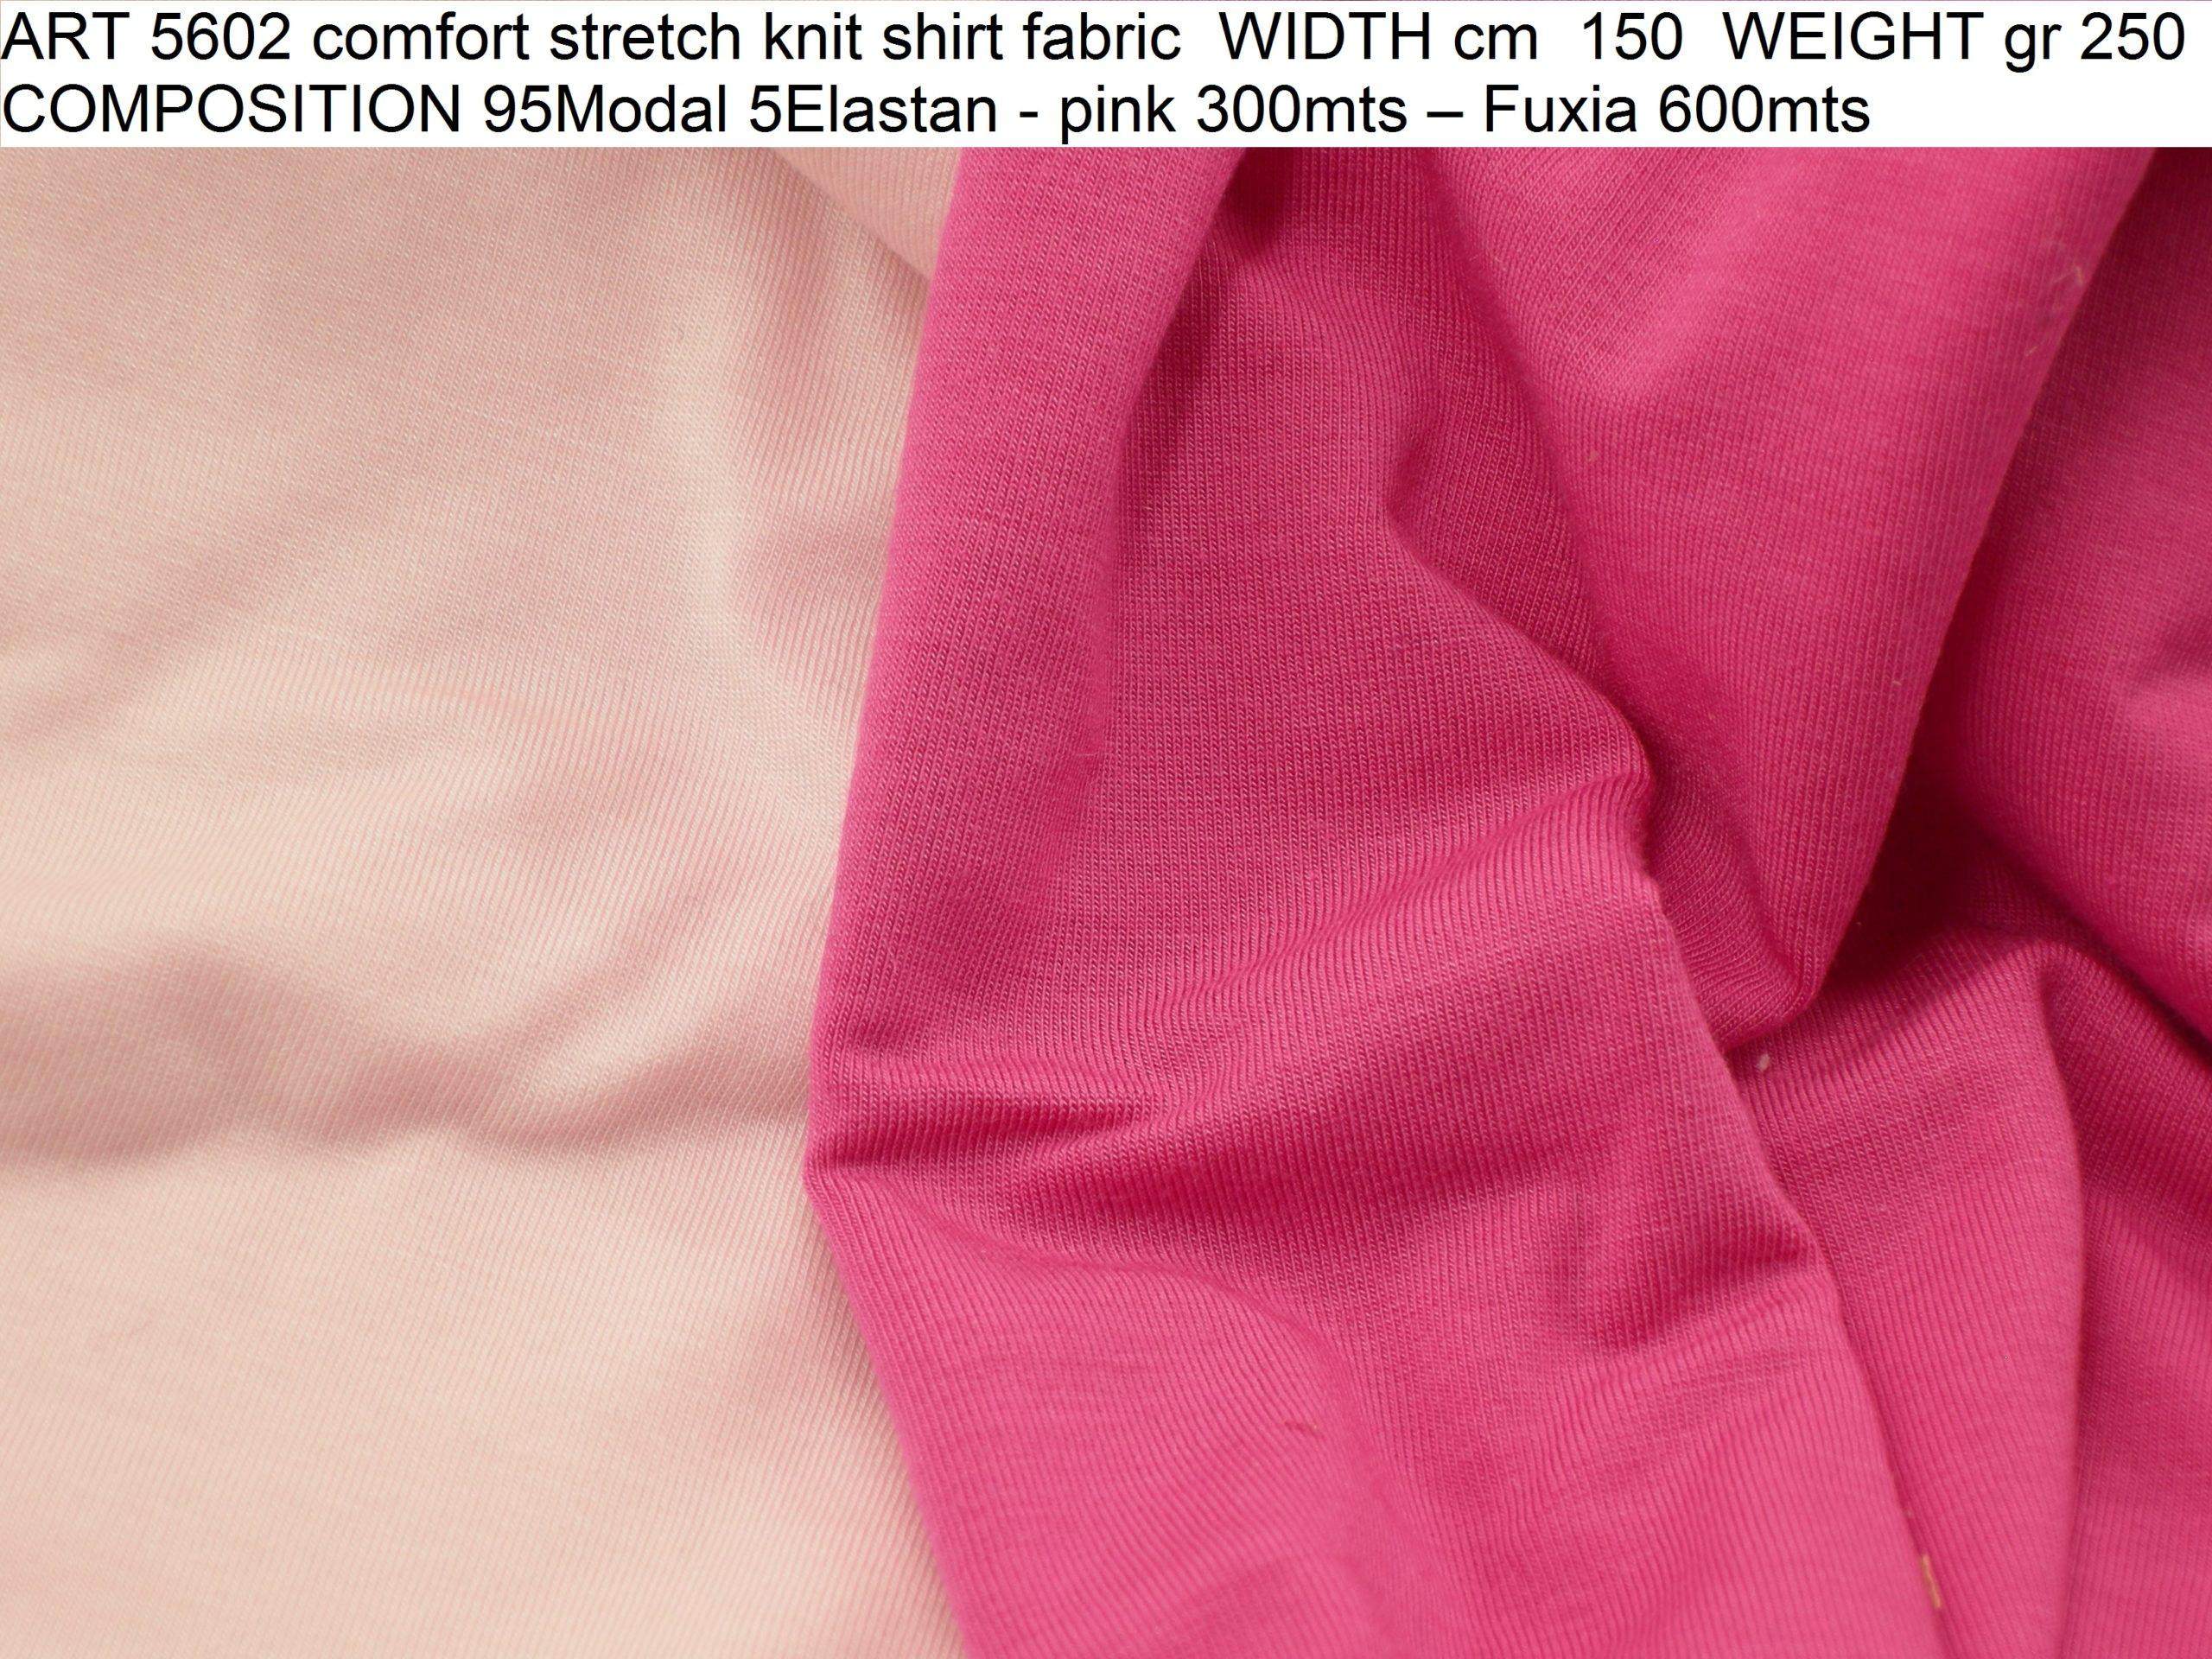 ART 5602 comfort stretch knit shirt fabric WIDTH cm 150 WEIGHT gr 250 COMPOSITION 95Modal 5Elastan - pink 300mts – Fuxia 600mts